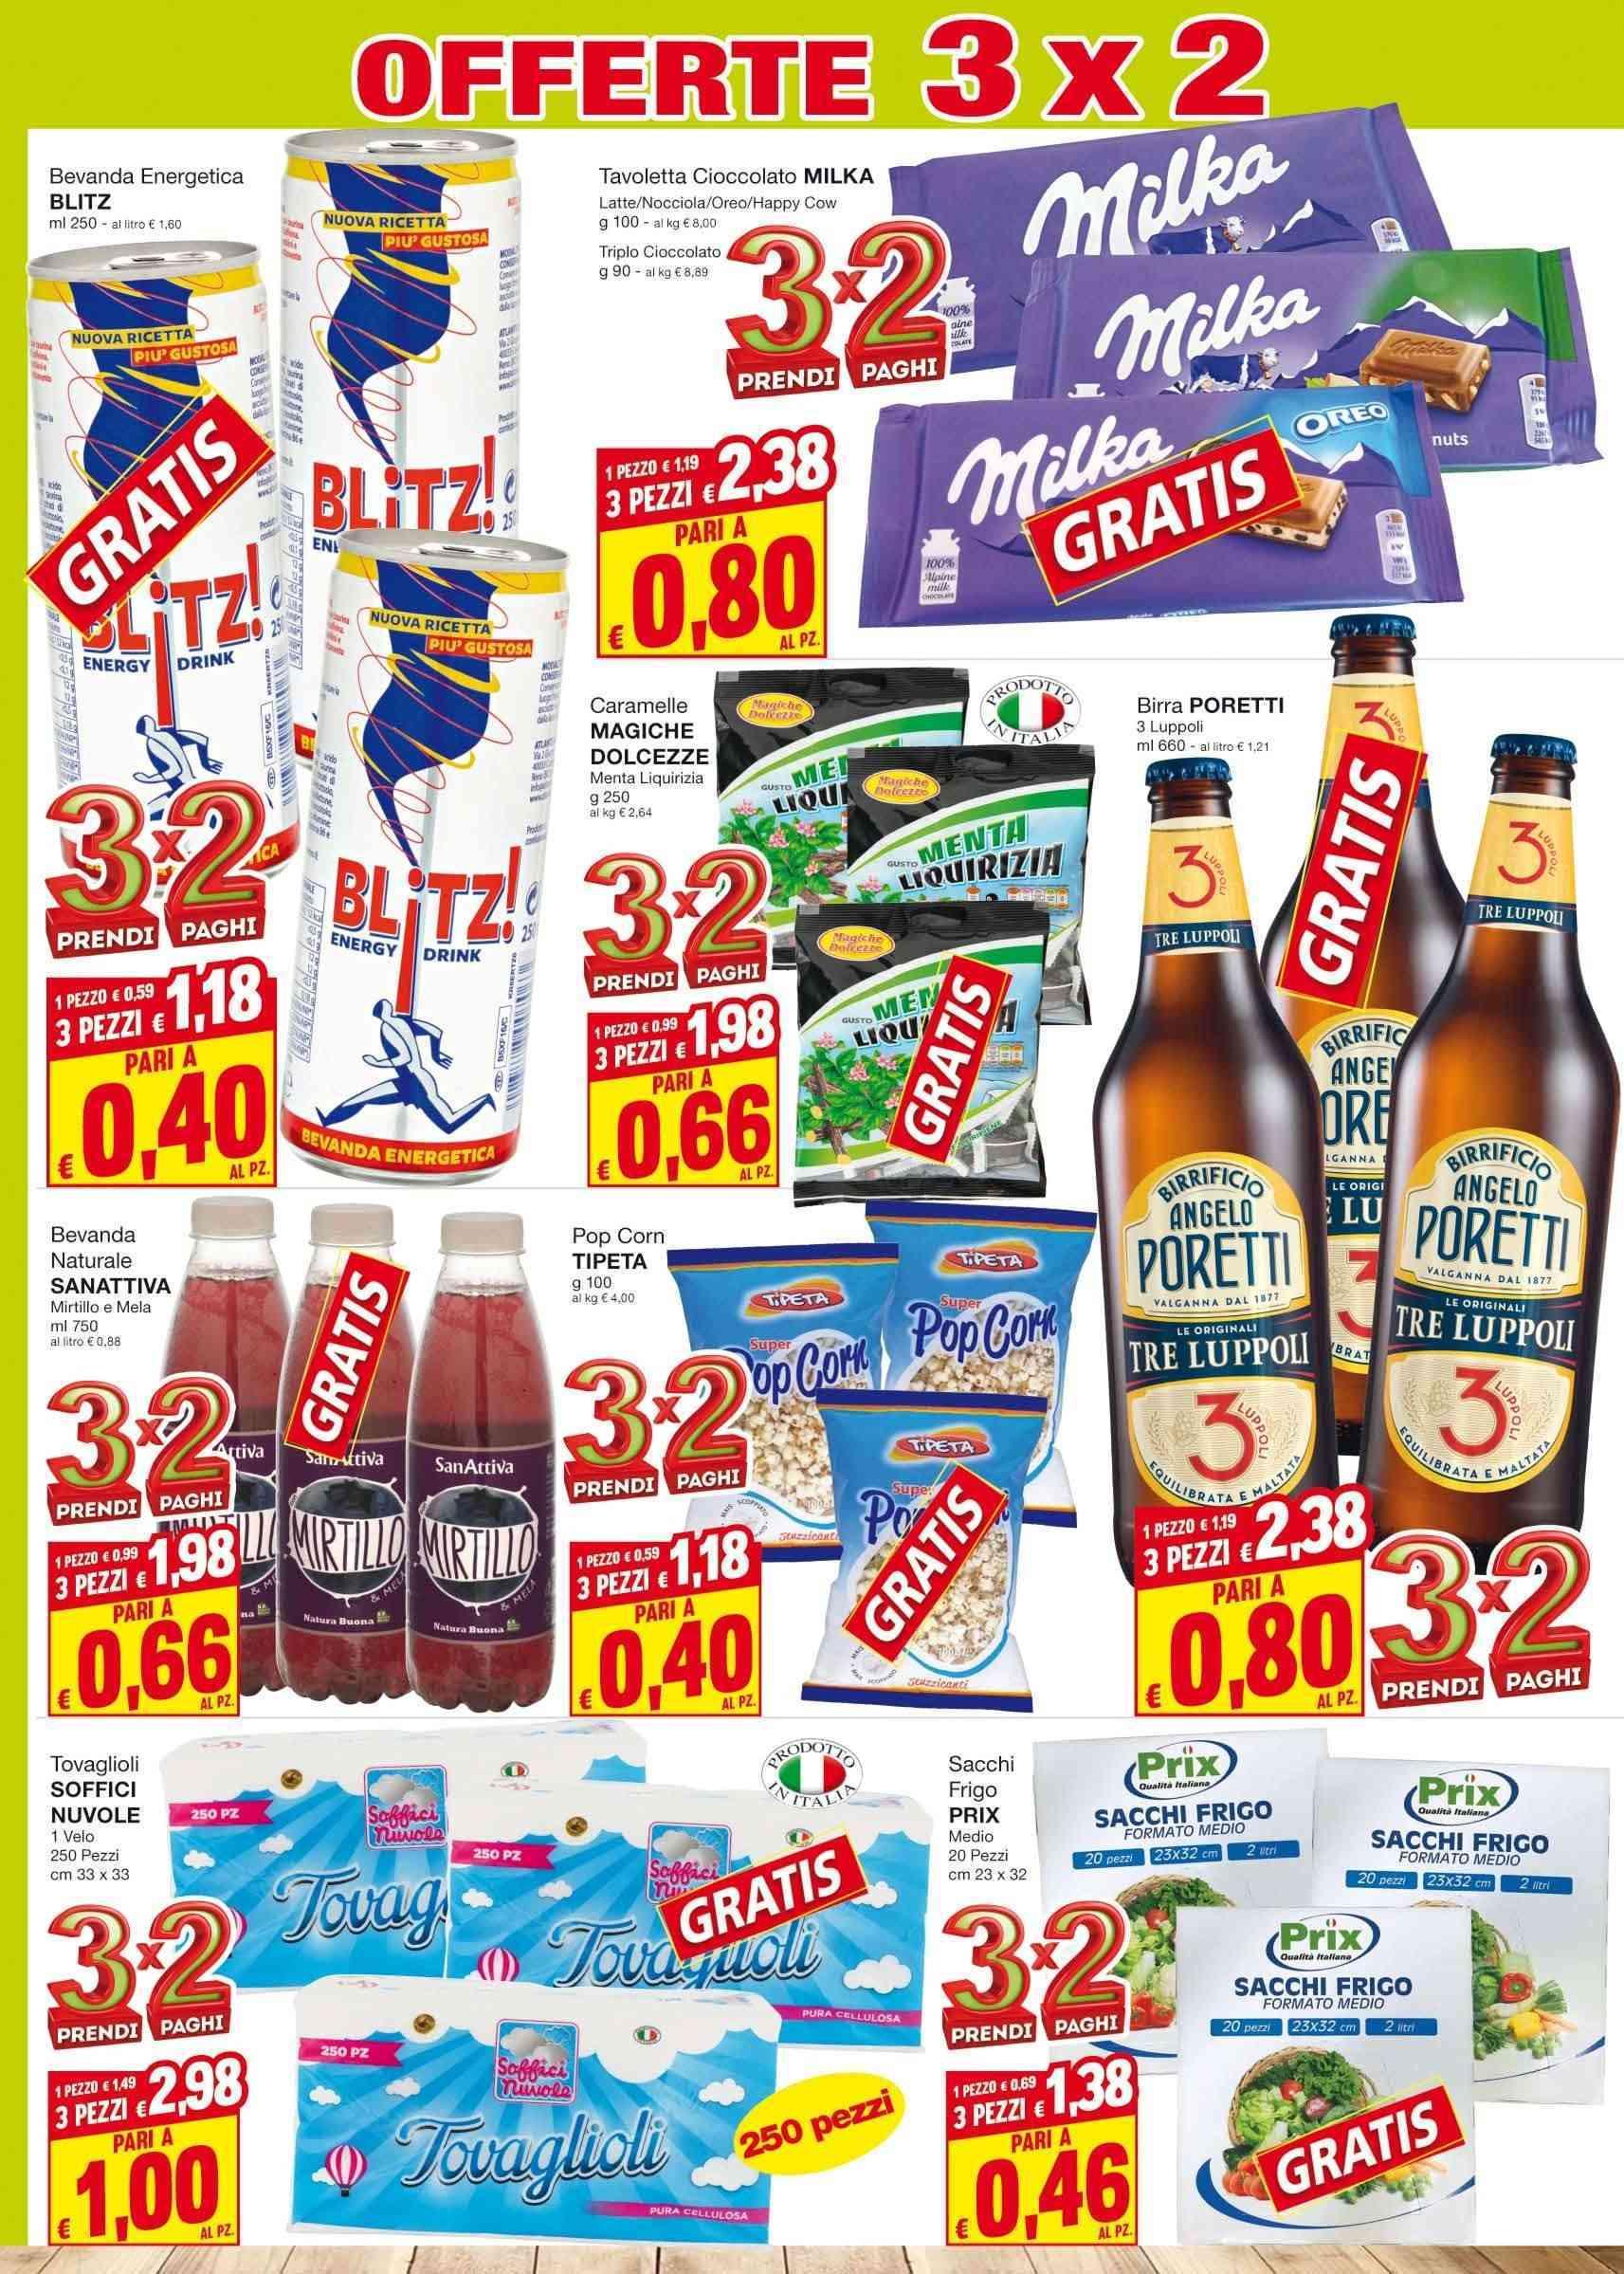 SP Volantino Auchan Alla ricerca della magia Page 30